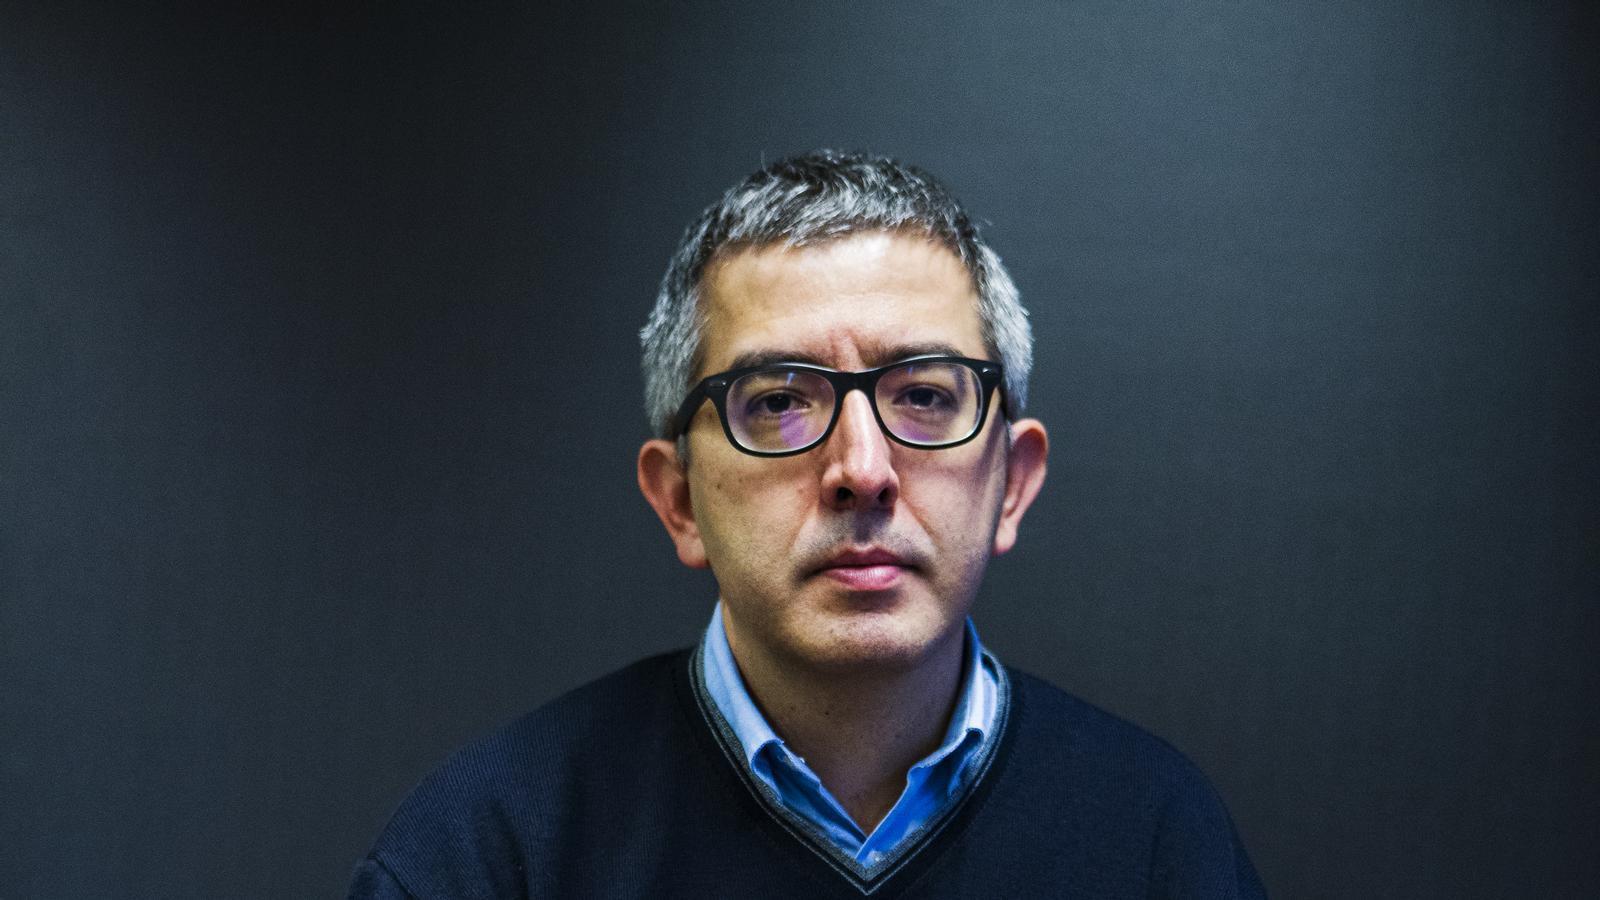 """Jordi Amat: """"La figura d'Alfons Quintà permet veure allò que el poder no vol ensenyar"""""""